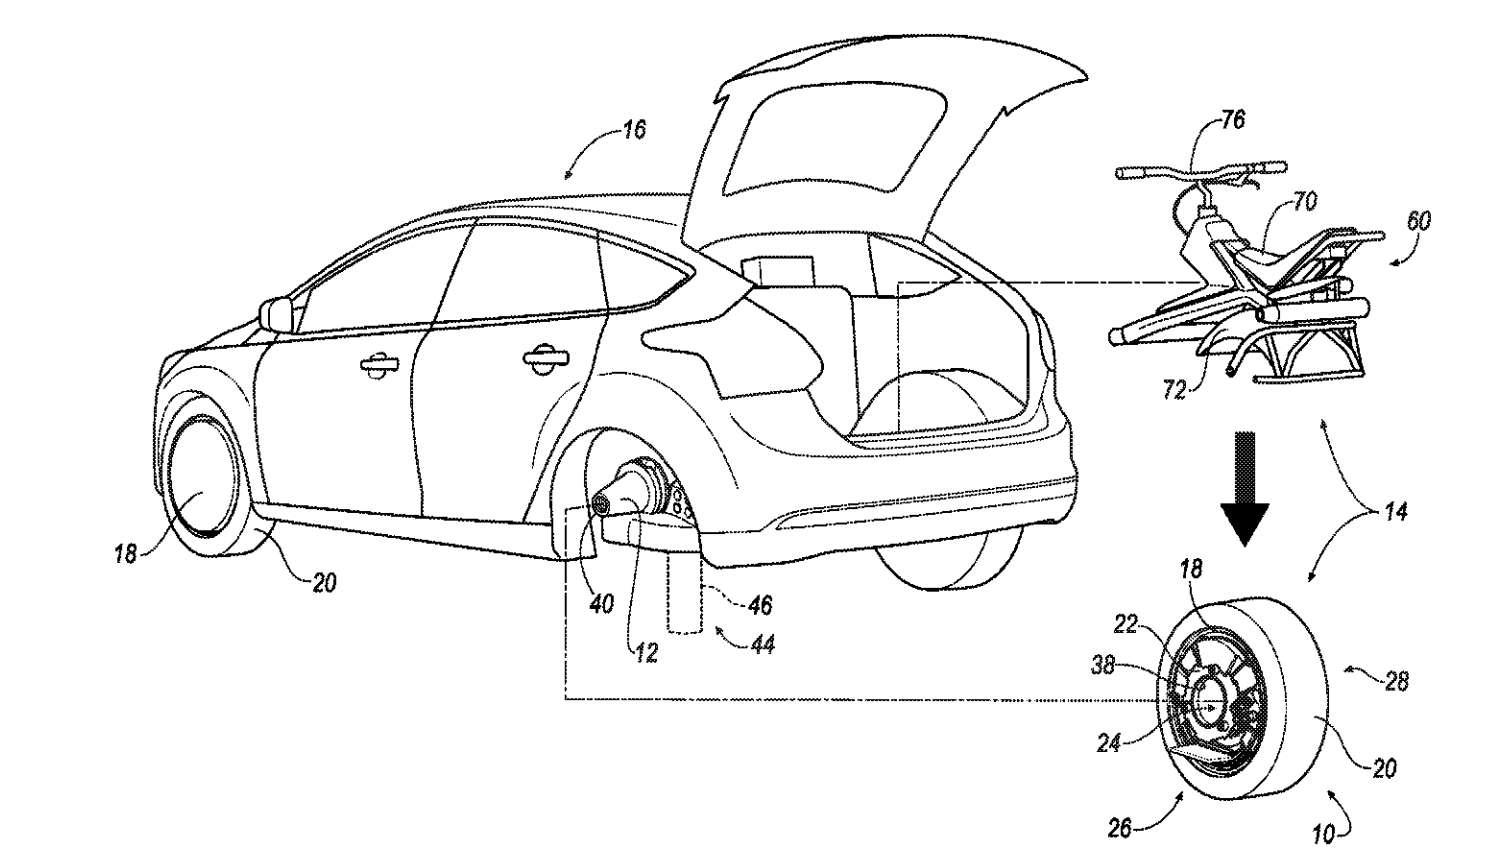 Le schéma principal du brevet déposé par Ford. Une fois la voiture garée, un système de soutien (indiqué par le nombre 44) fait descendre une cale (46), qui la soulève. La roue, avec sa suspension, une motorisation électrique et un contrôle électronique pour l'équilibre, est alors descendue pour être détachée. Un siège, installé dans le véhicule, peut lui être fixé. Et la roue devient un véhicule monocycle... © Ford